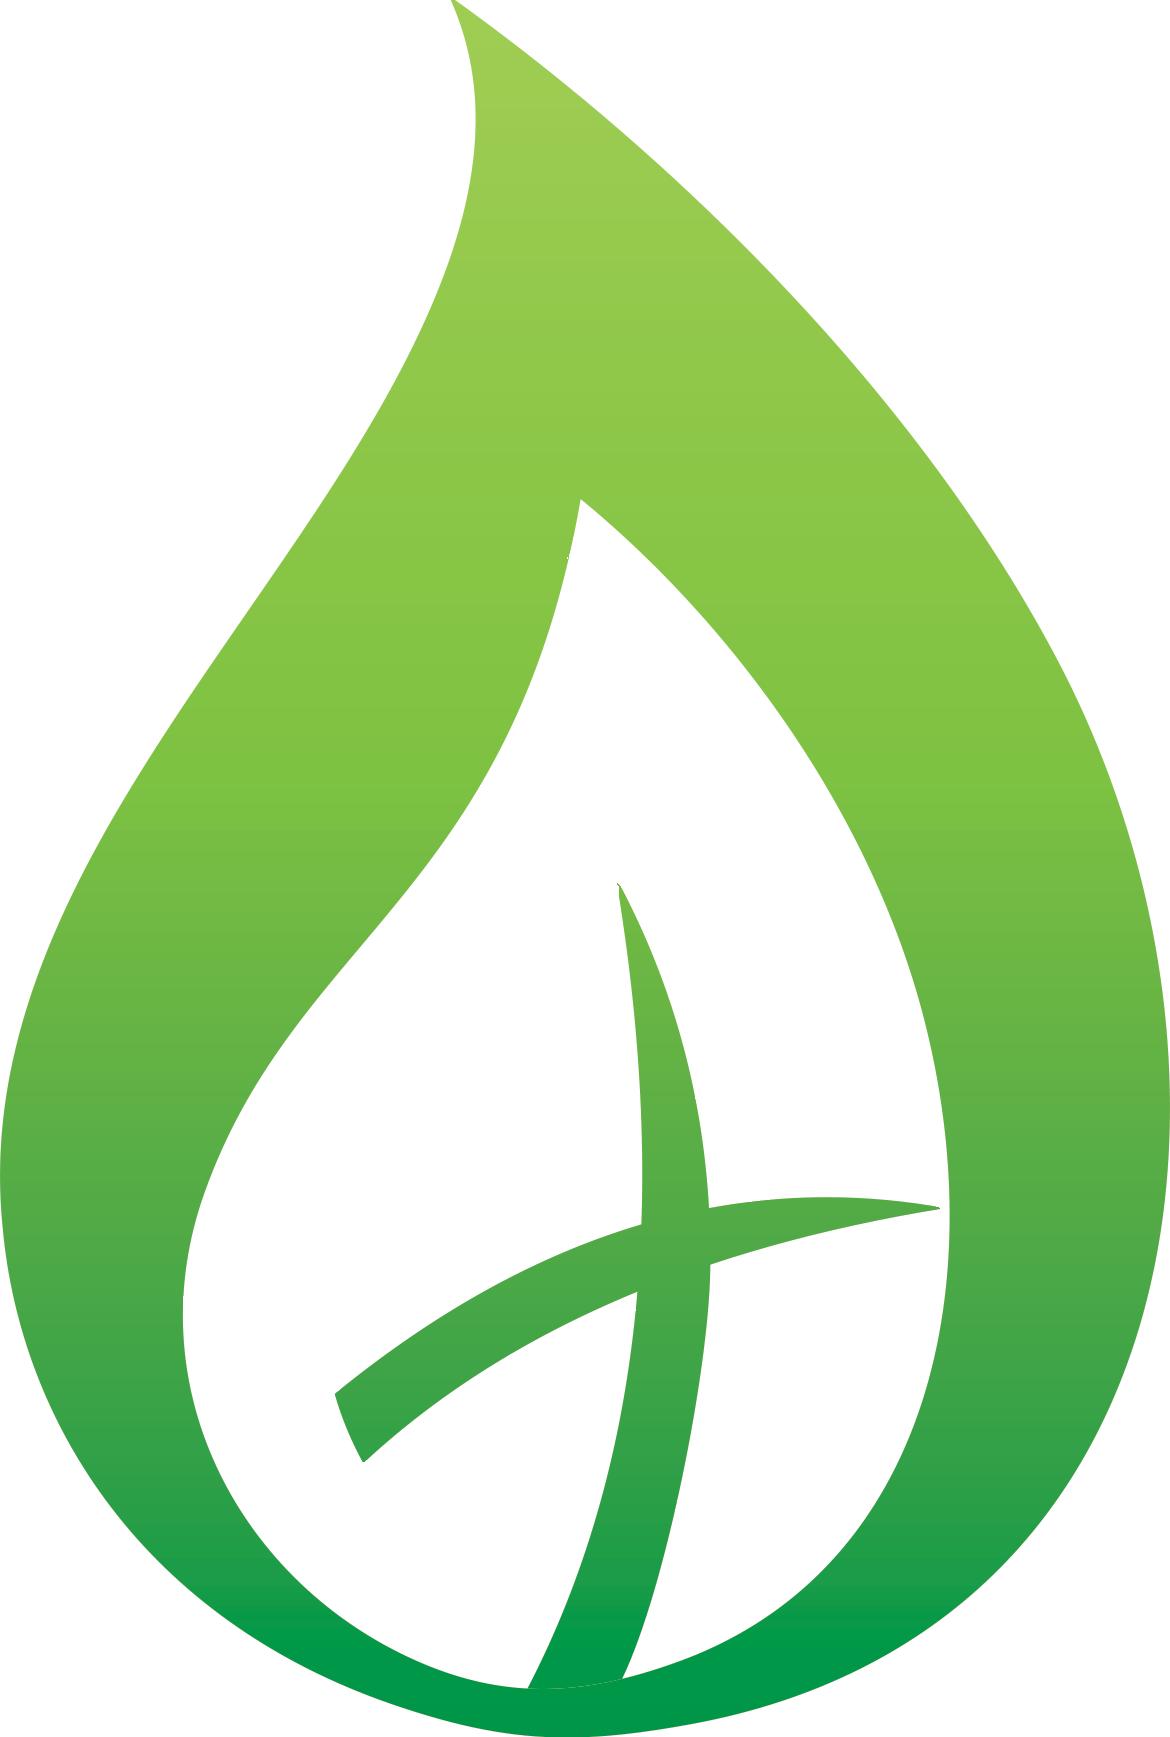 www.energiasepat.fi